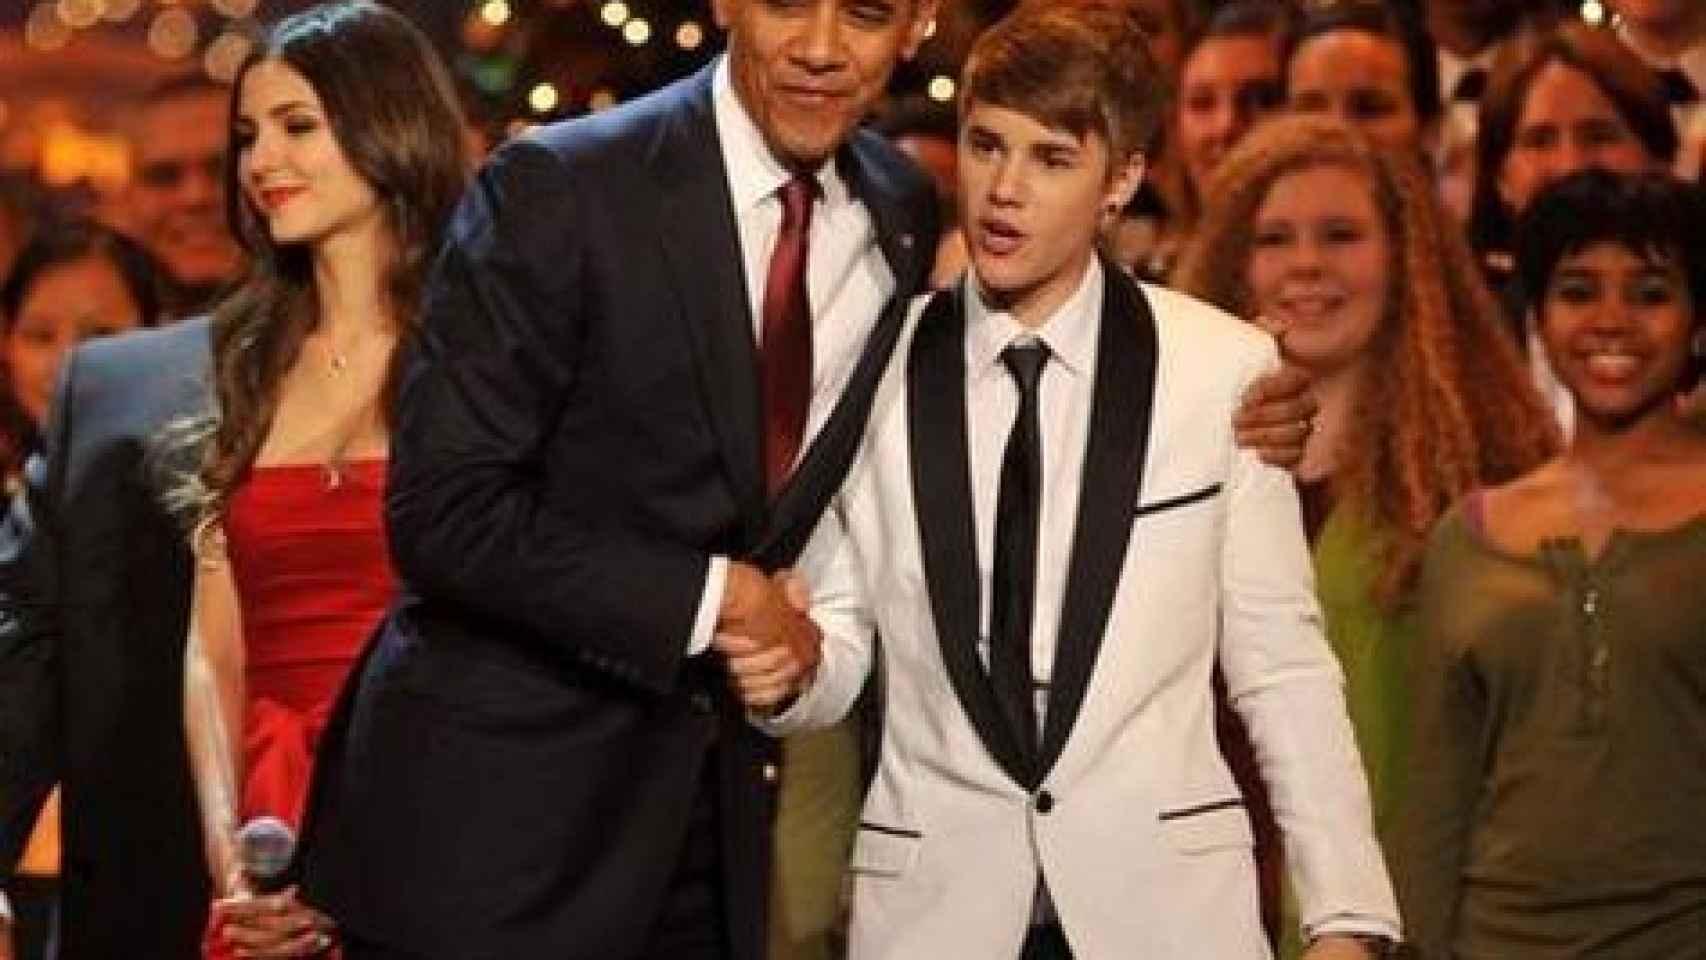 Justin Bieber actuó en una fiesta privada celebrada por los Obama